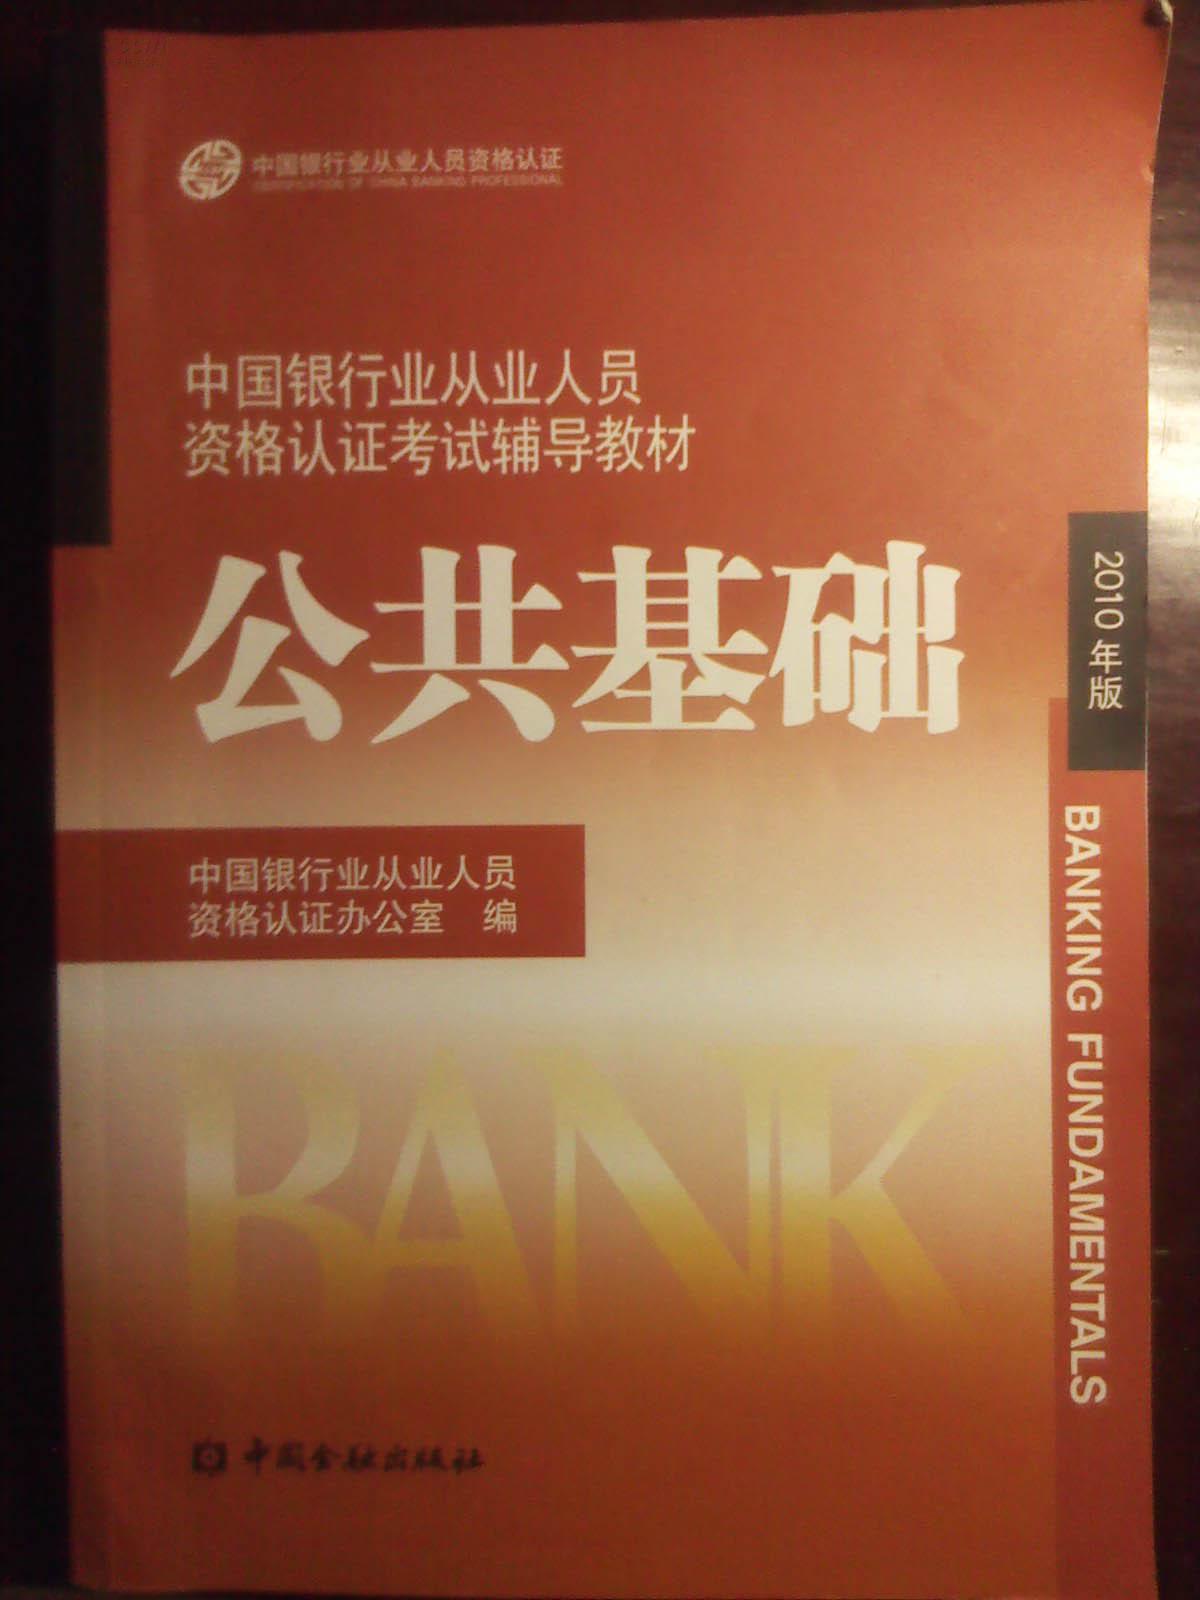 公司信贷第三章第四节专项练习题